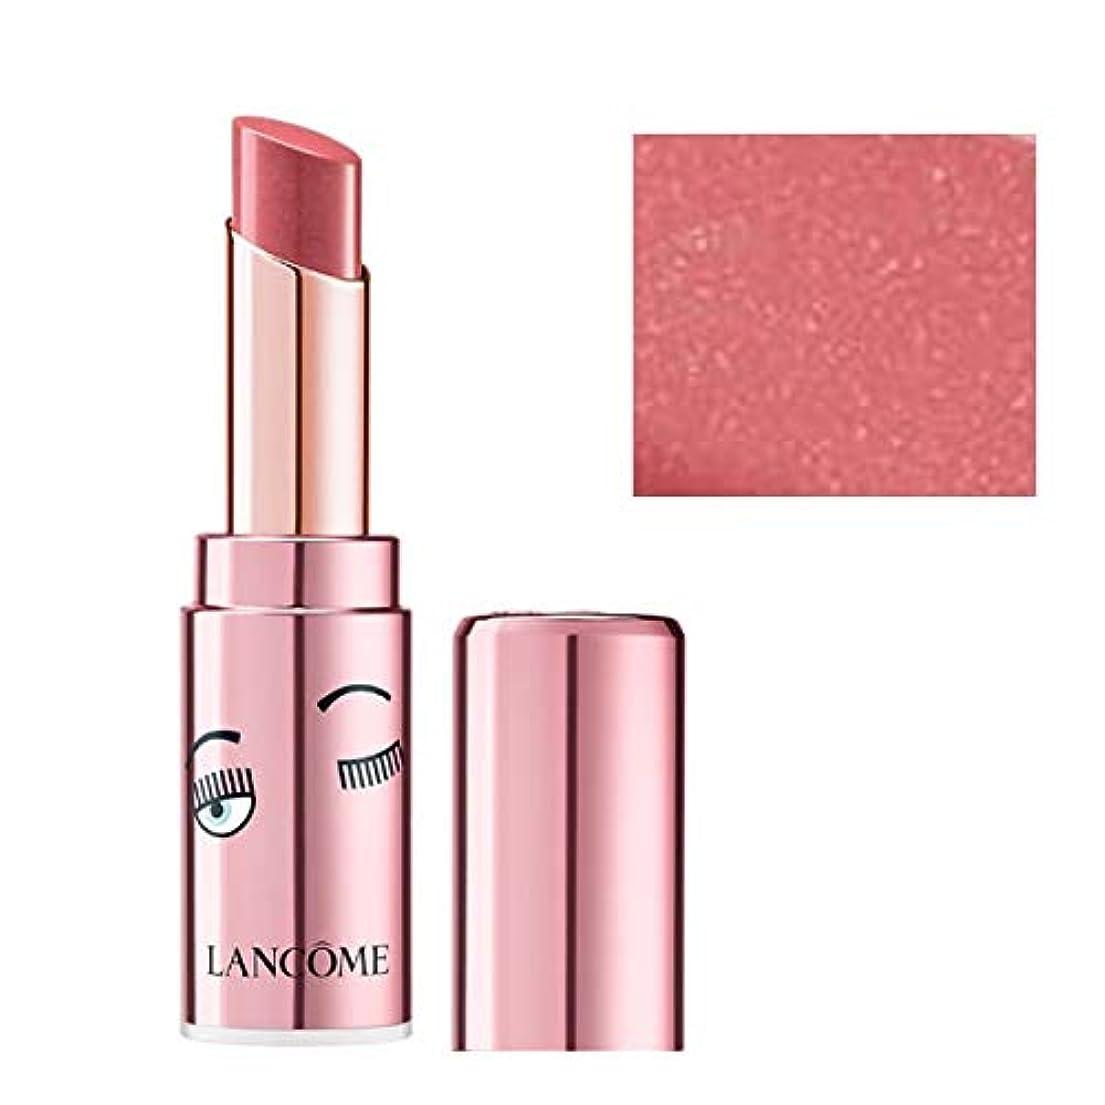 不潔順番裂け目ランコム(LANCOME), 限定版 limited-edition, x Chiara Ferragni L'Absolu Mademoiselle Shine Balm Lipstick - Independent...